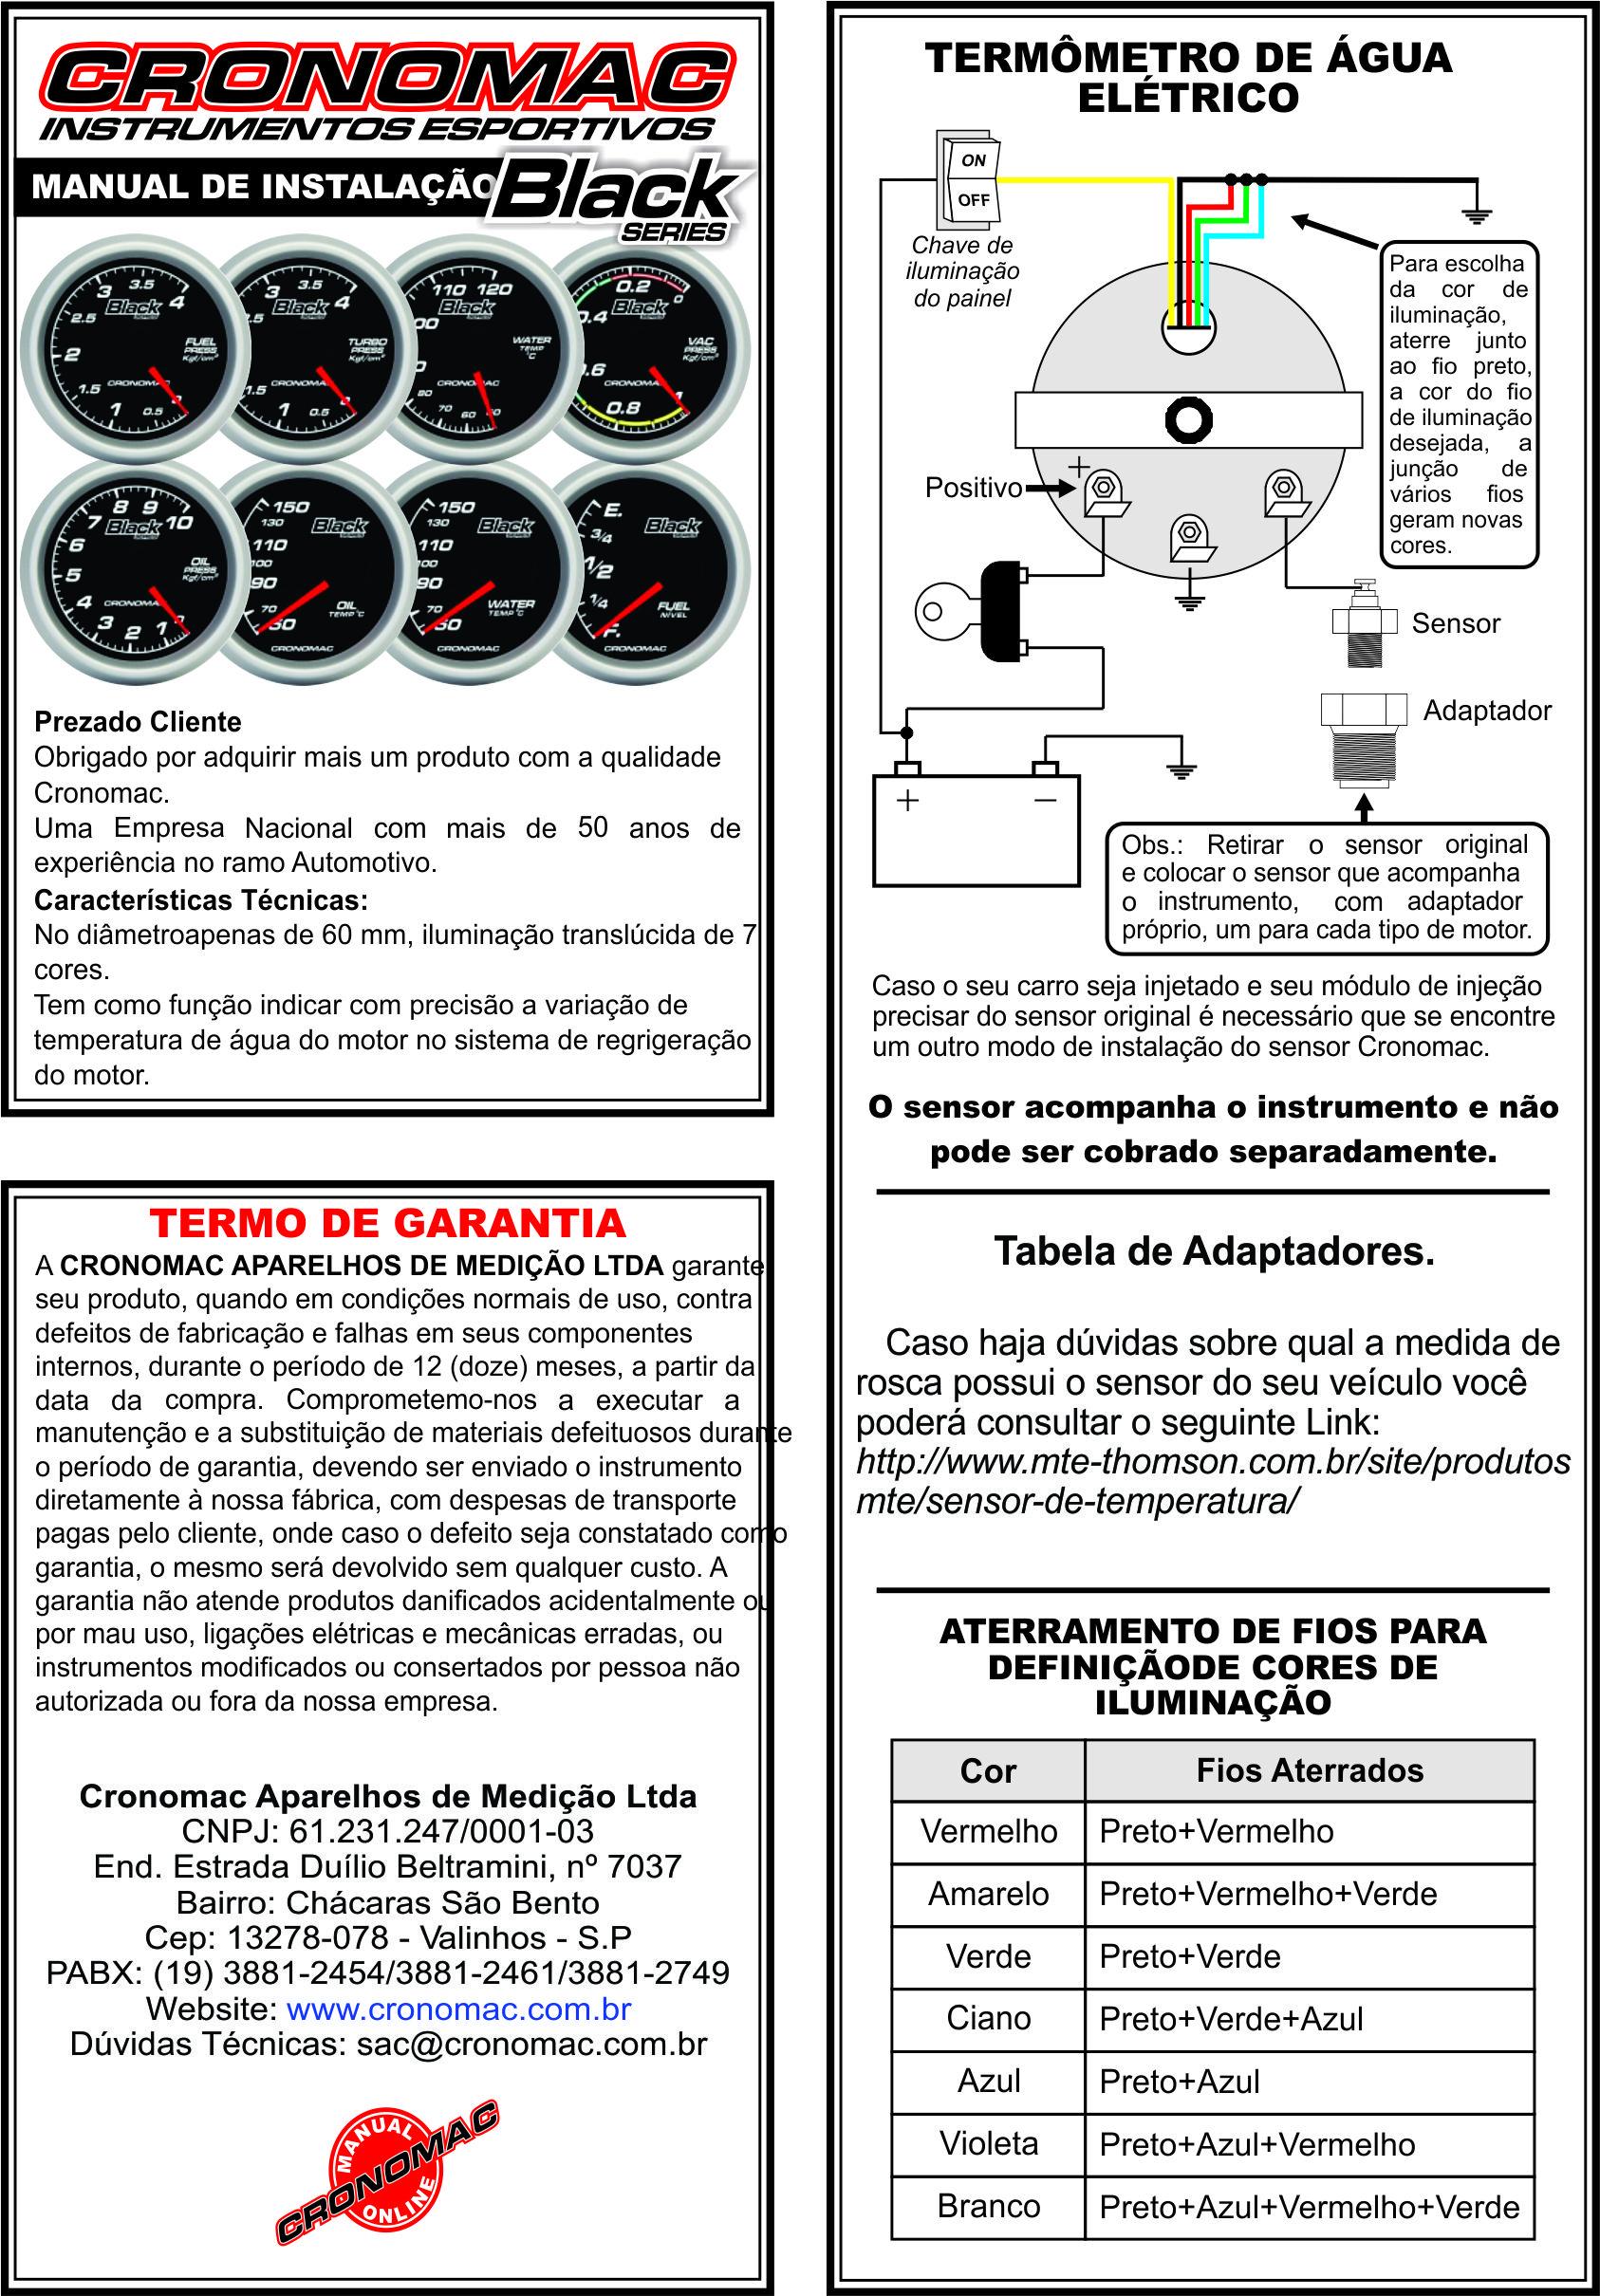 Manual - Term.Elétr. Àgua - Blac Series Versão On Line